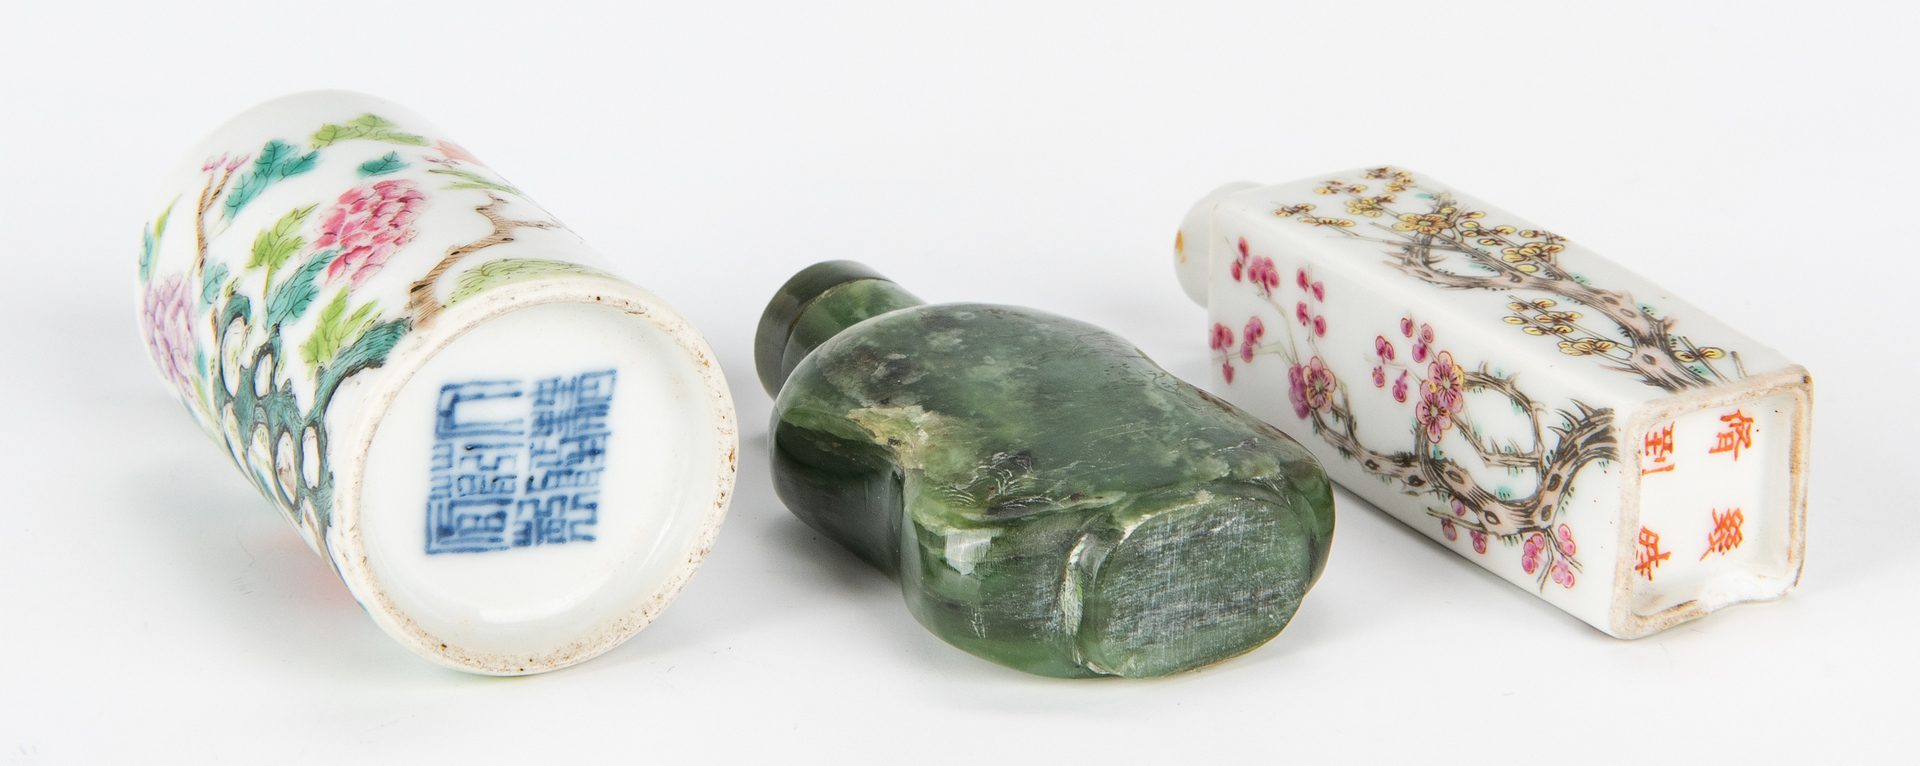 Lot 4: 6 Snuff Bottles, Jade and Porcelain